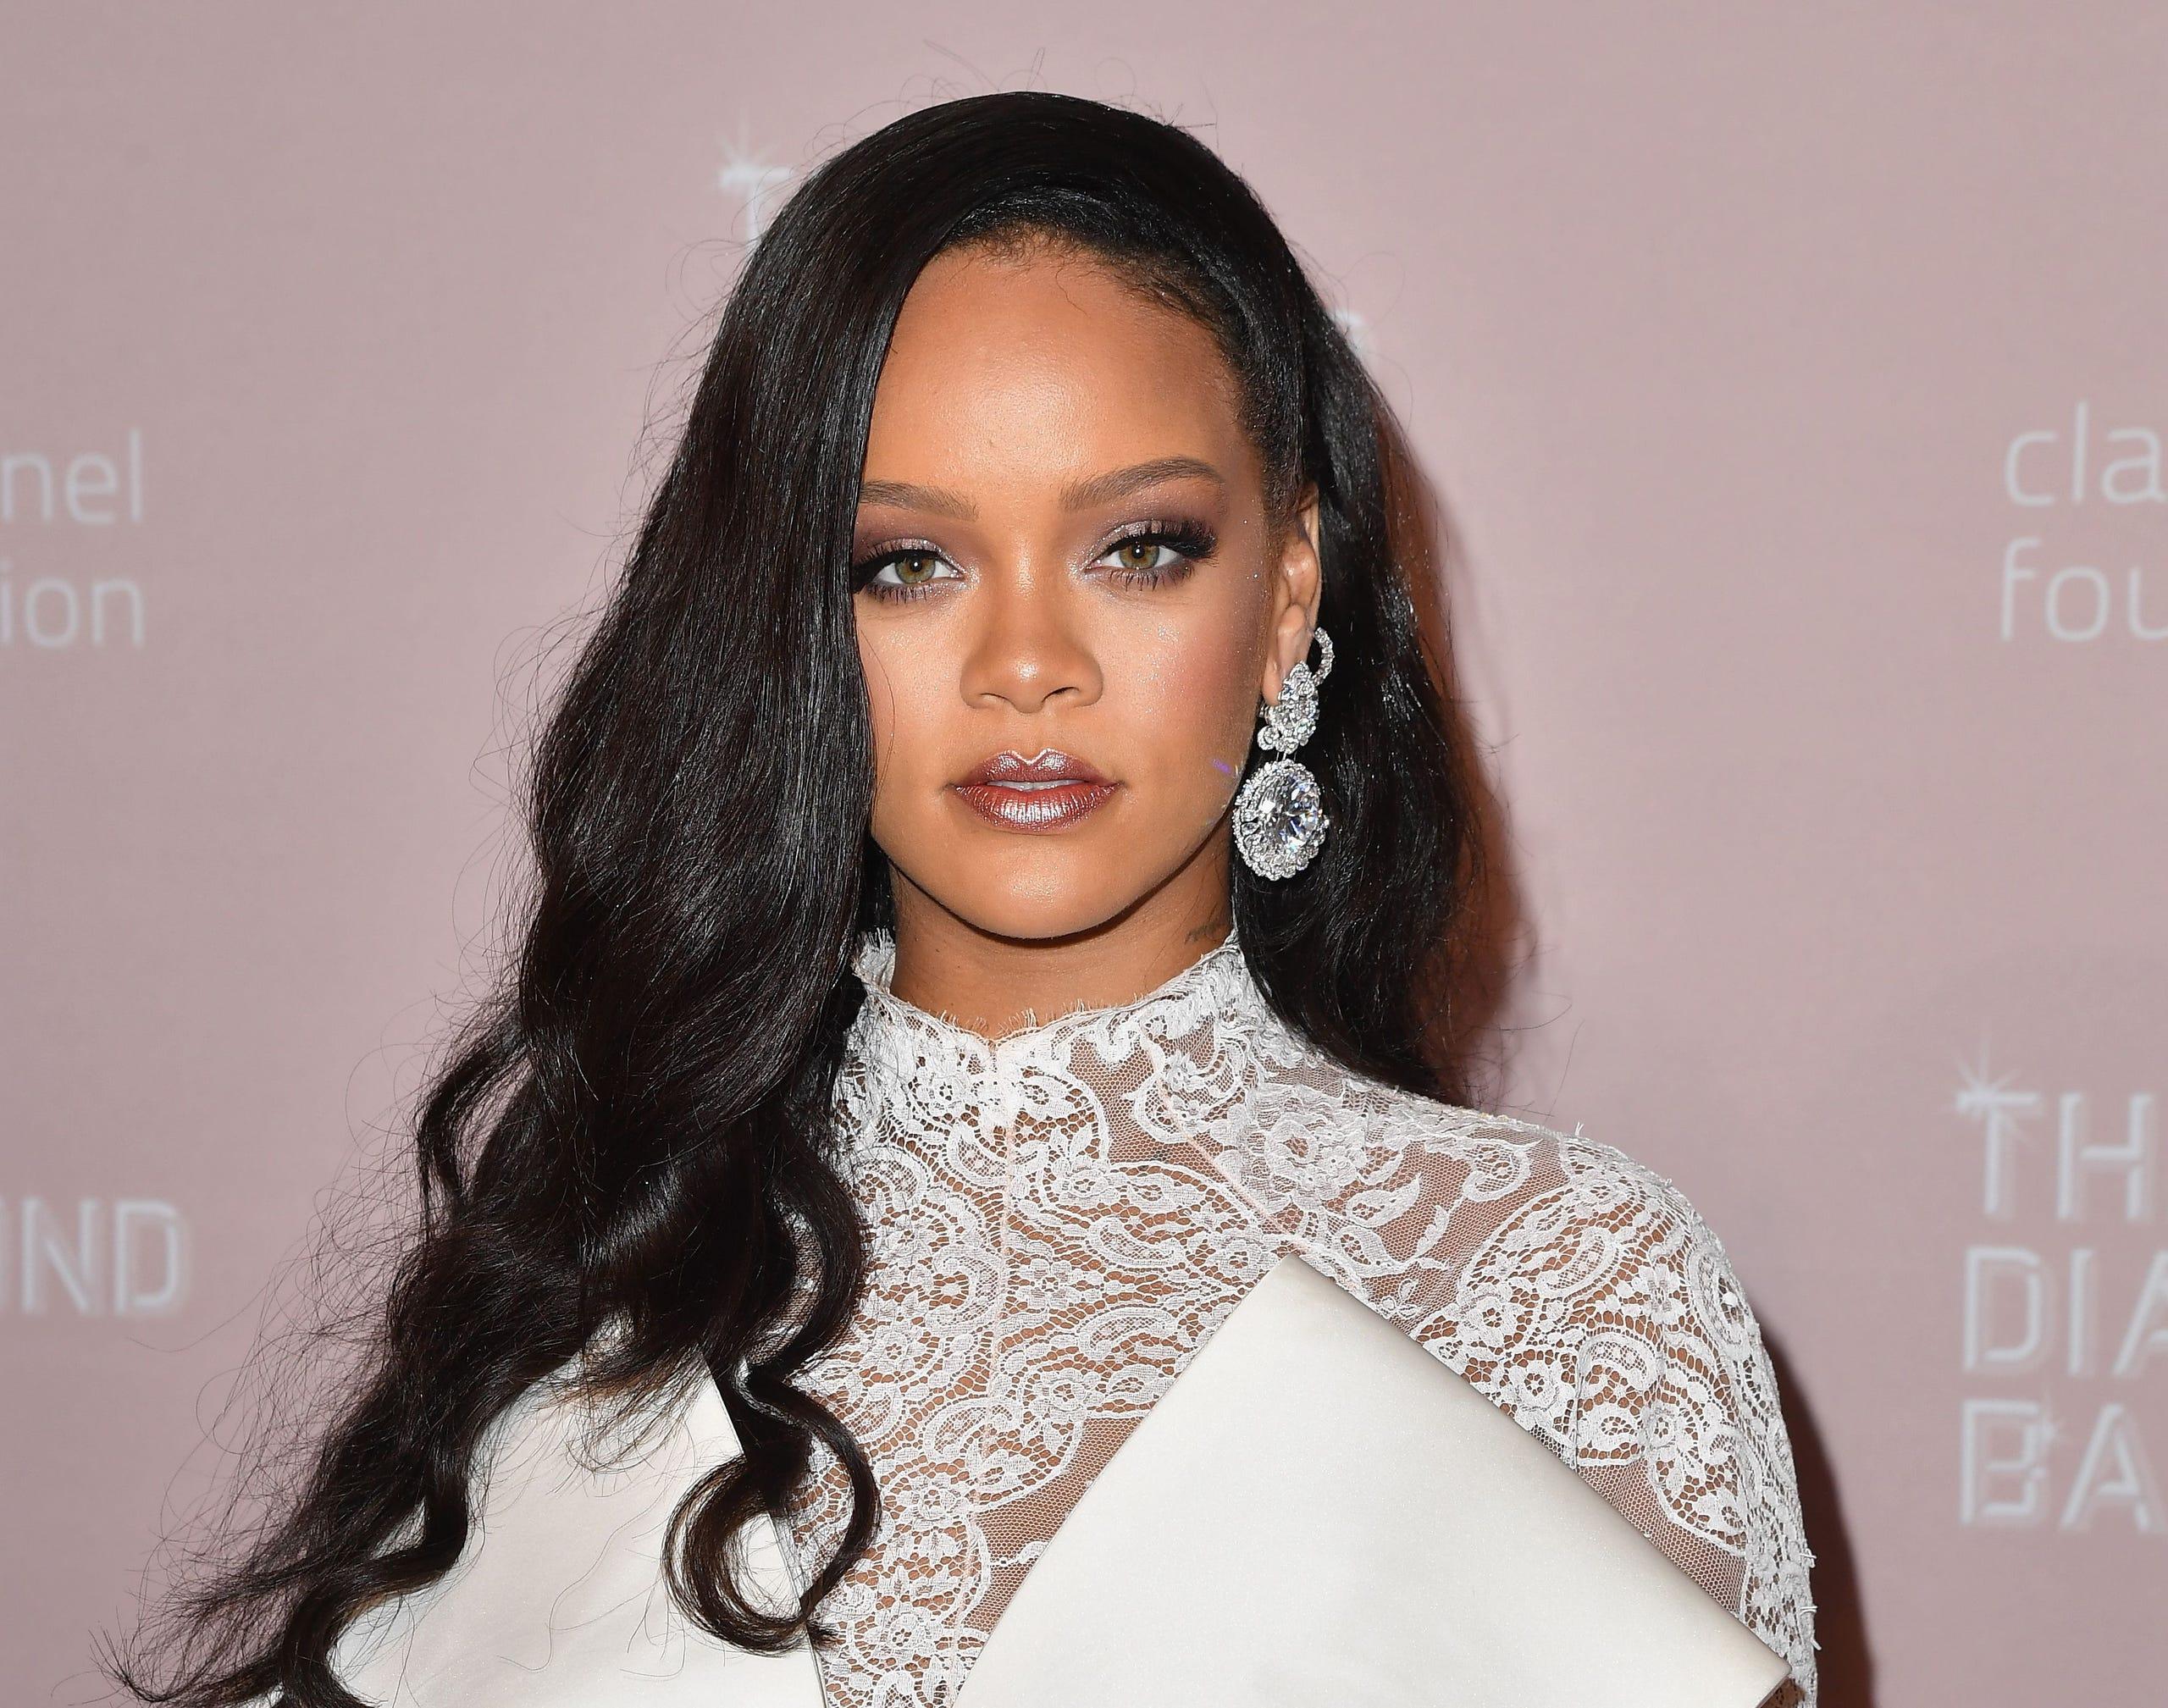 d2056123c449 Rihanna s 4th Annual Diamond Ball